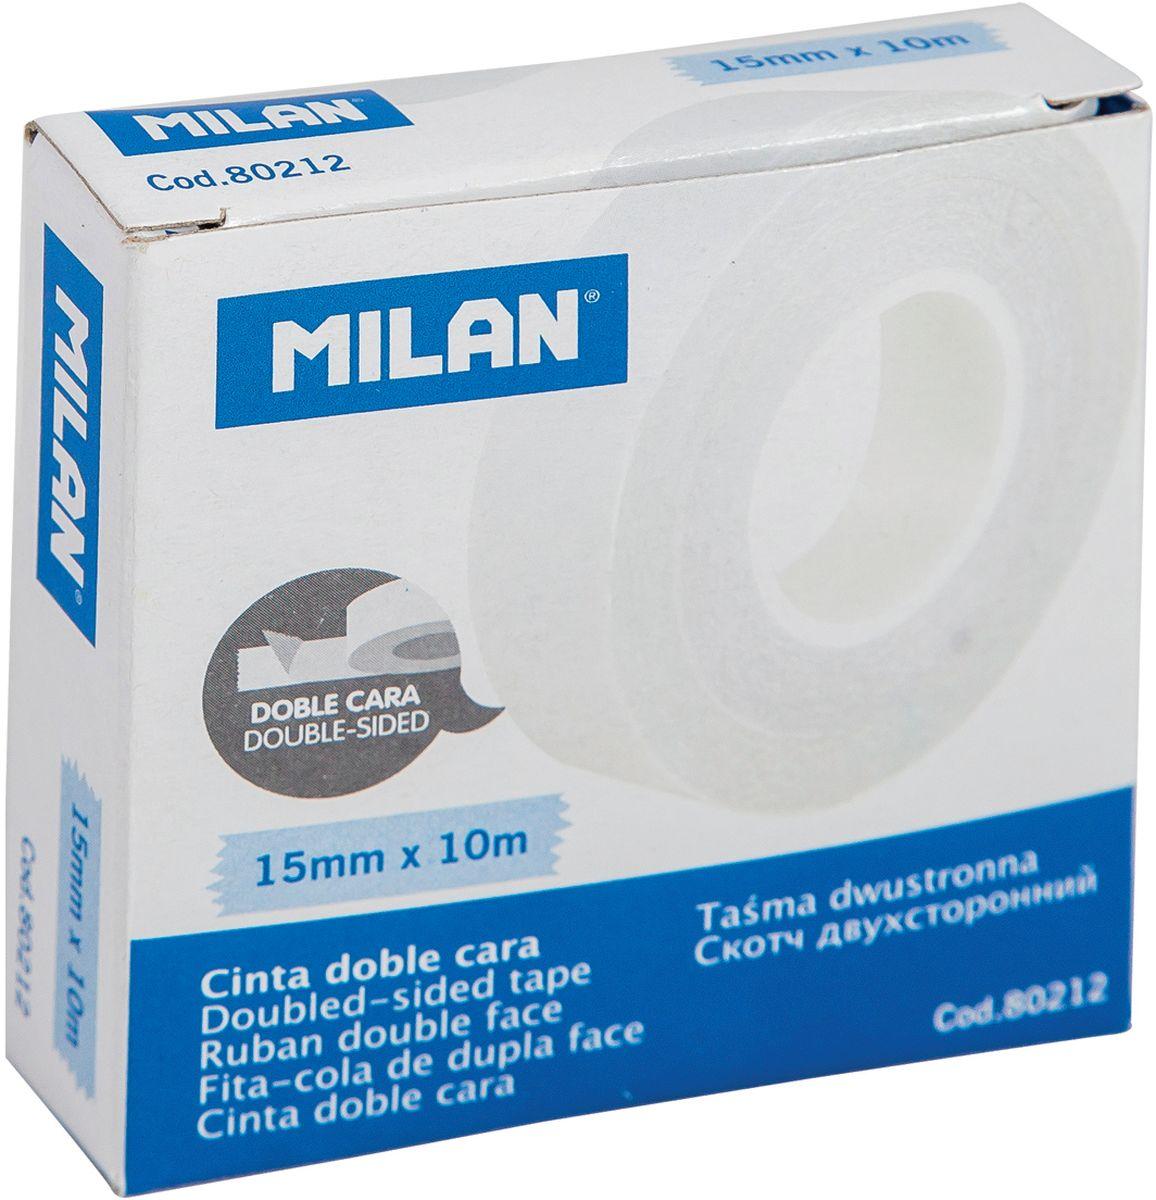 Milan Клейкая лента двусторонняя 10 м х 15 мм лента клейкая двусторонняя folsen ткань 50мм х 5м